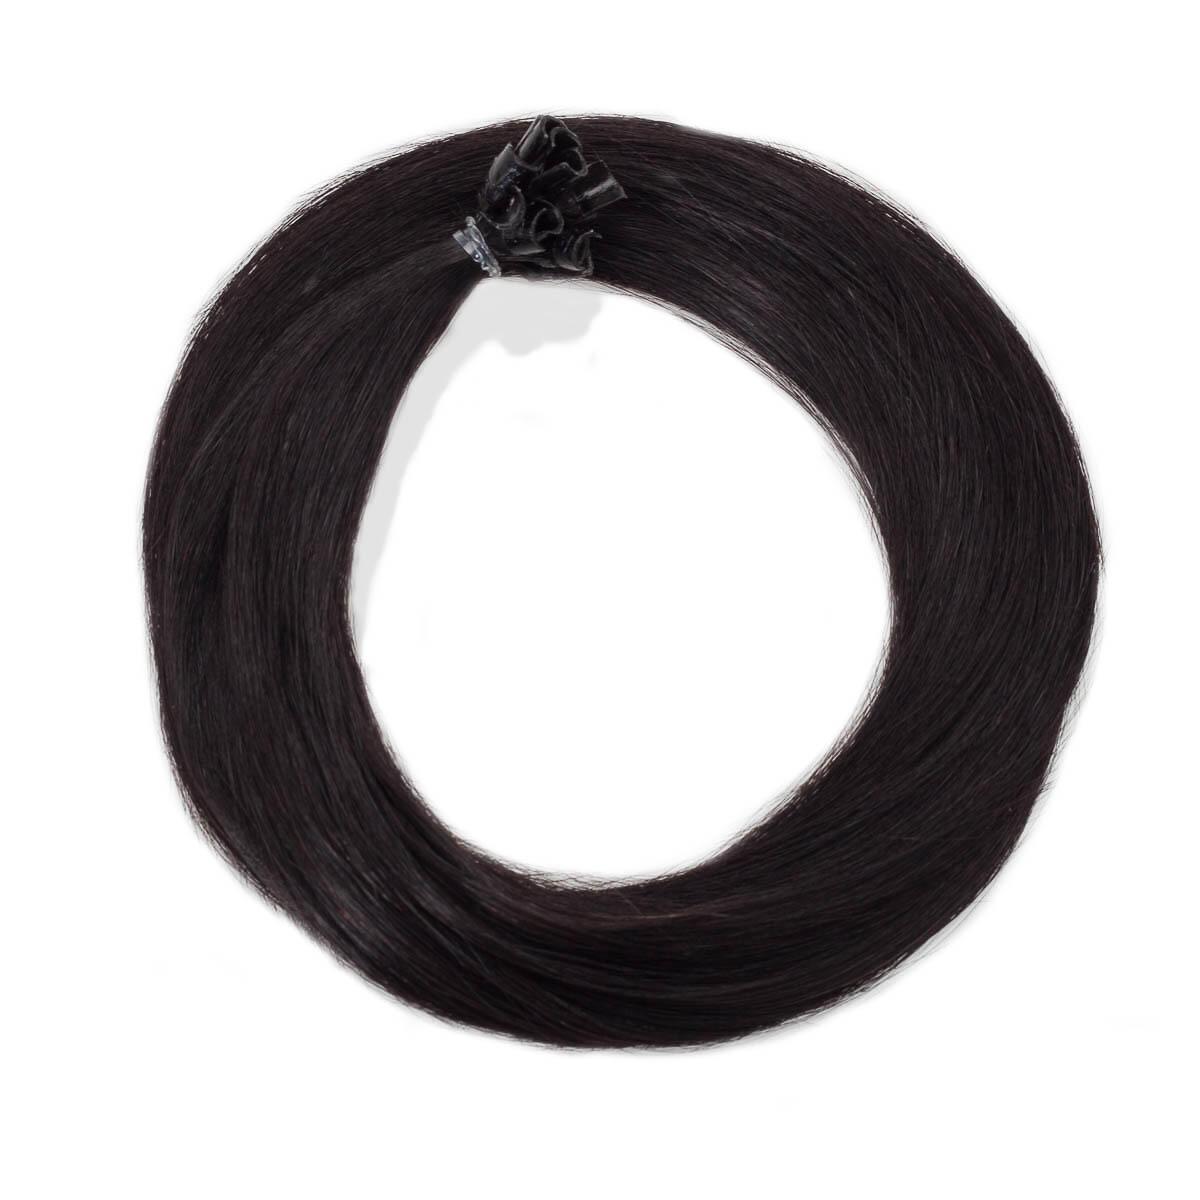 Nail Hair Premium 1.2 Black Brown 30 cm